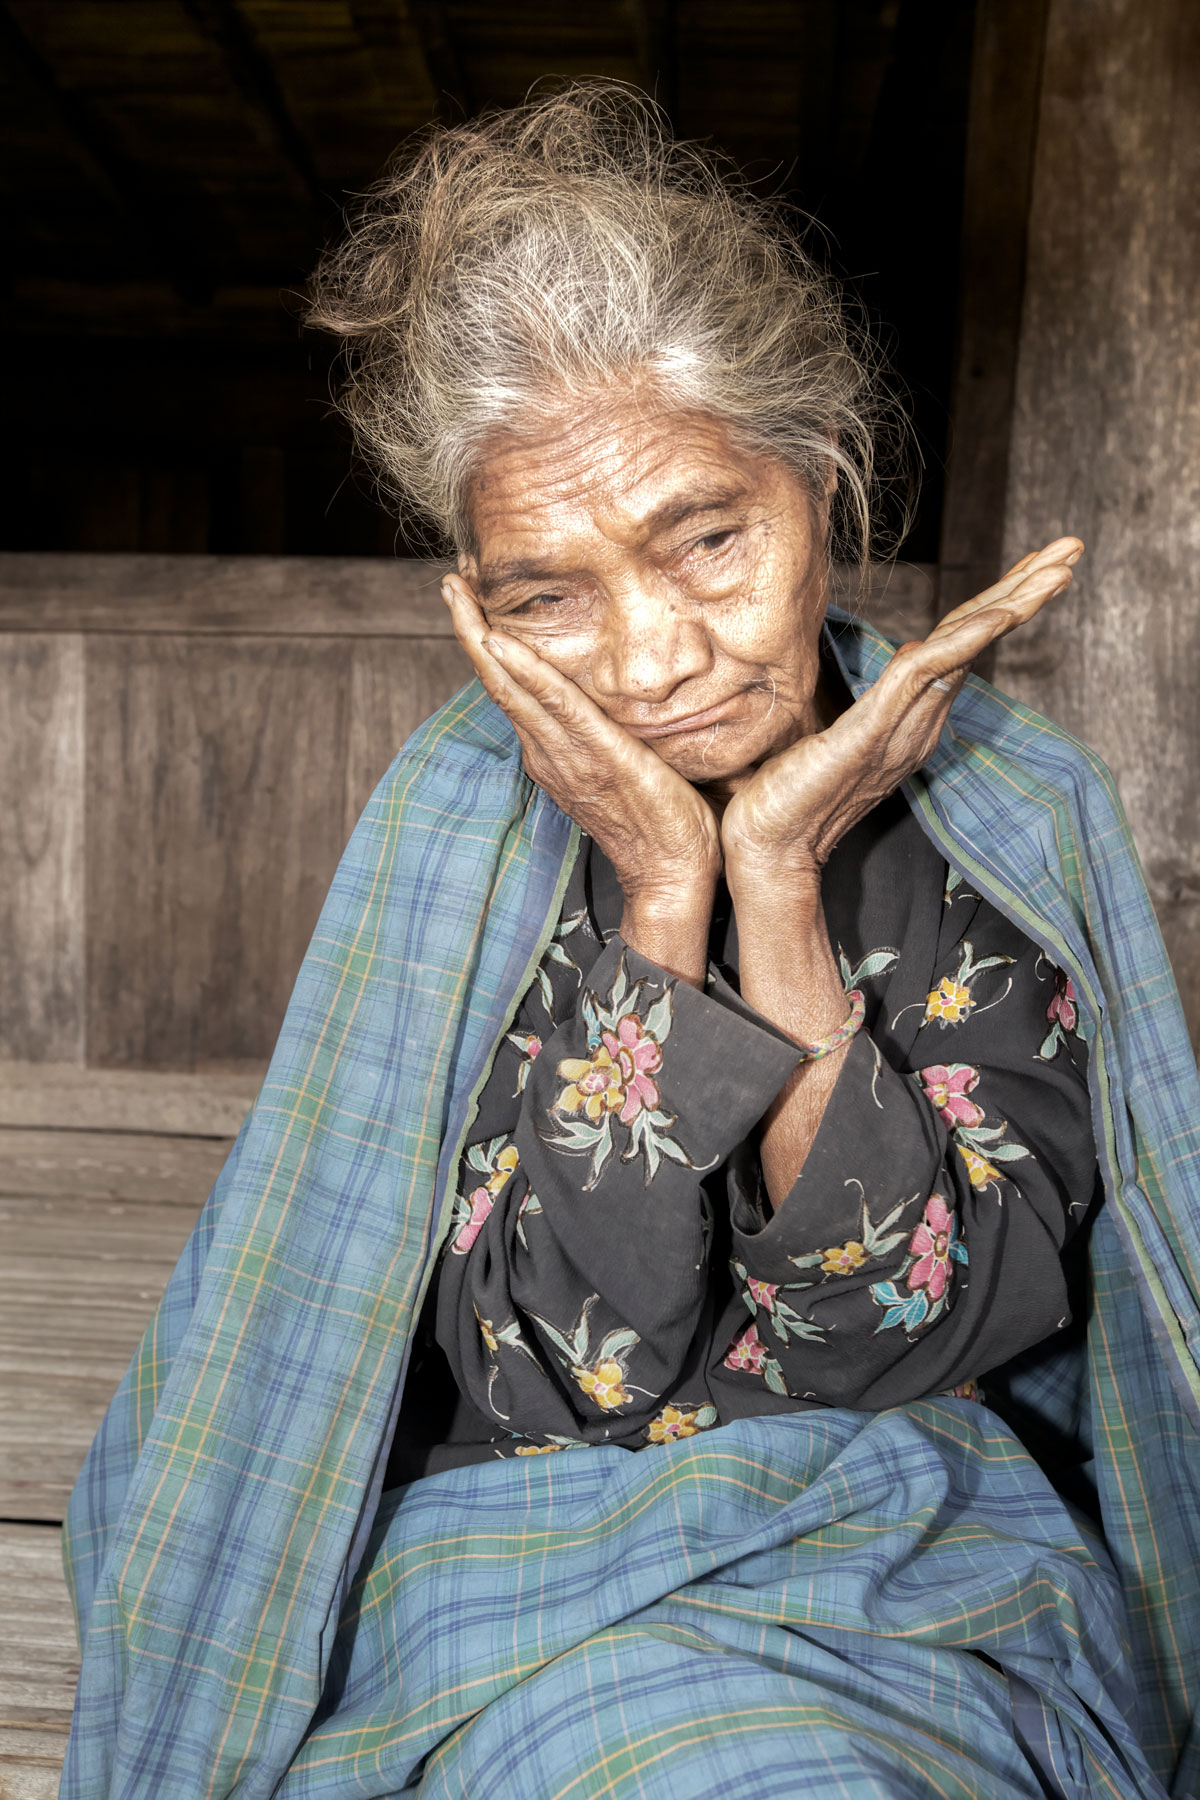 indonesia_042_SP